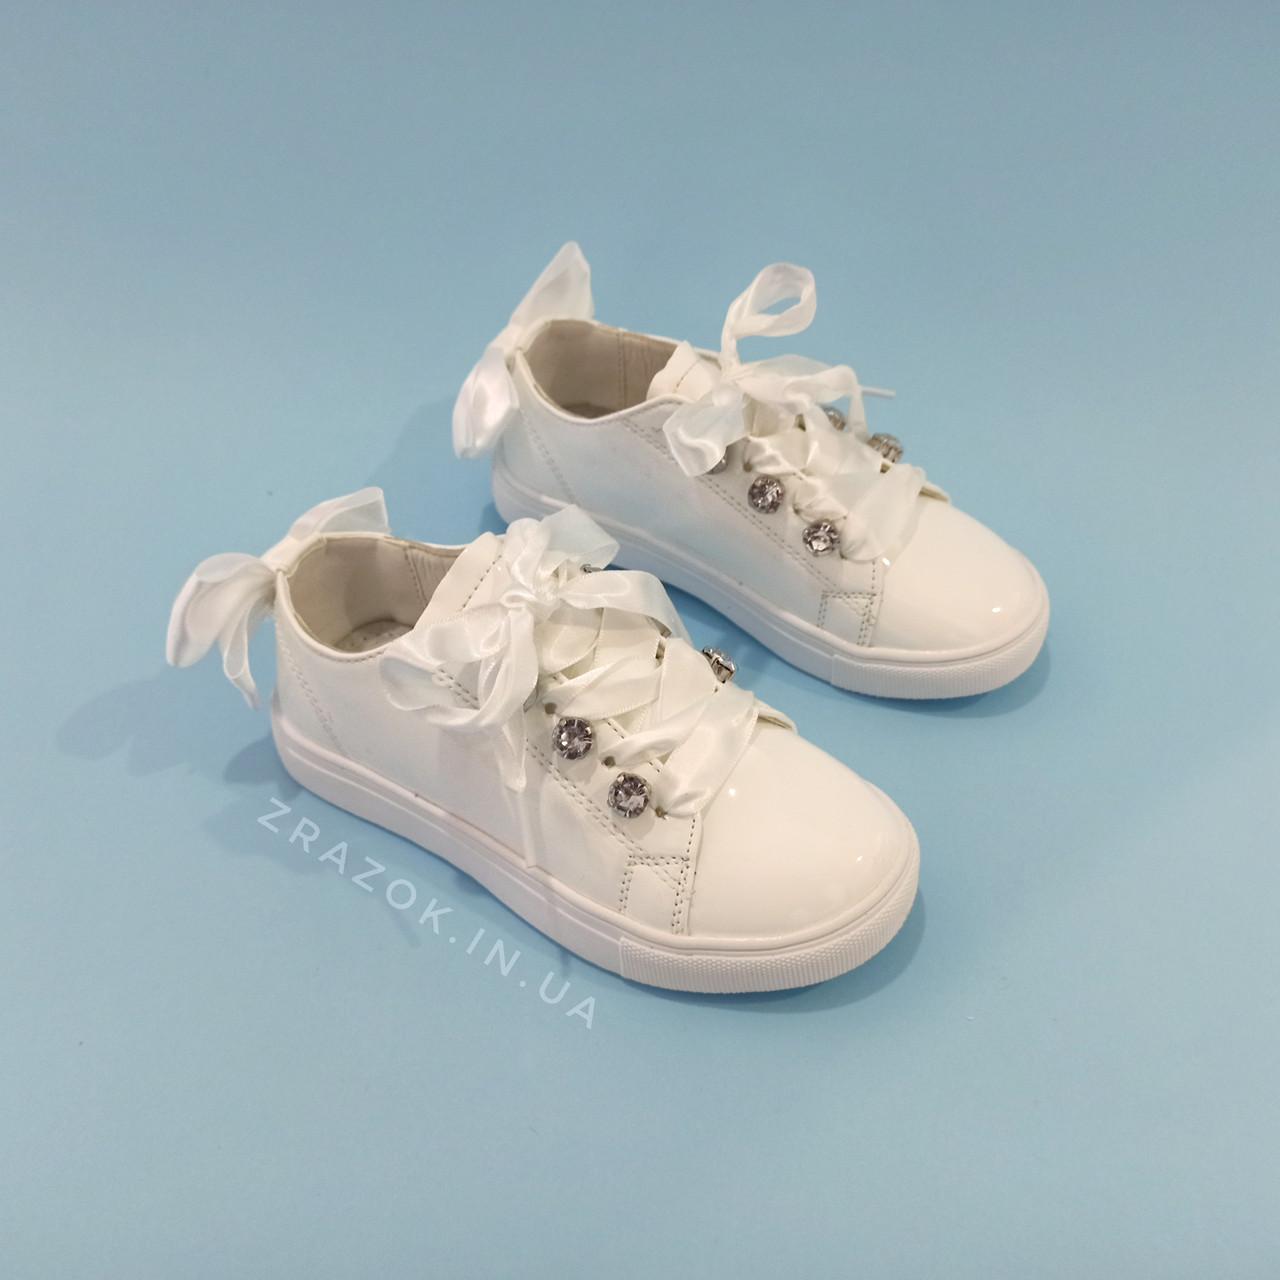 Белые кроссовки с бантиком кеды с бантом лаковые туфли с лентами с супинатором на девочку